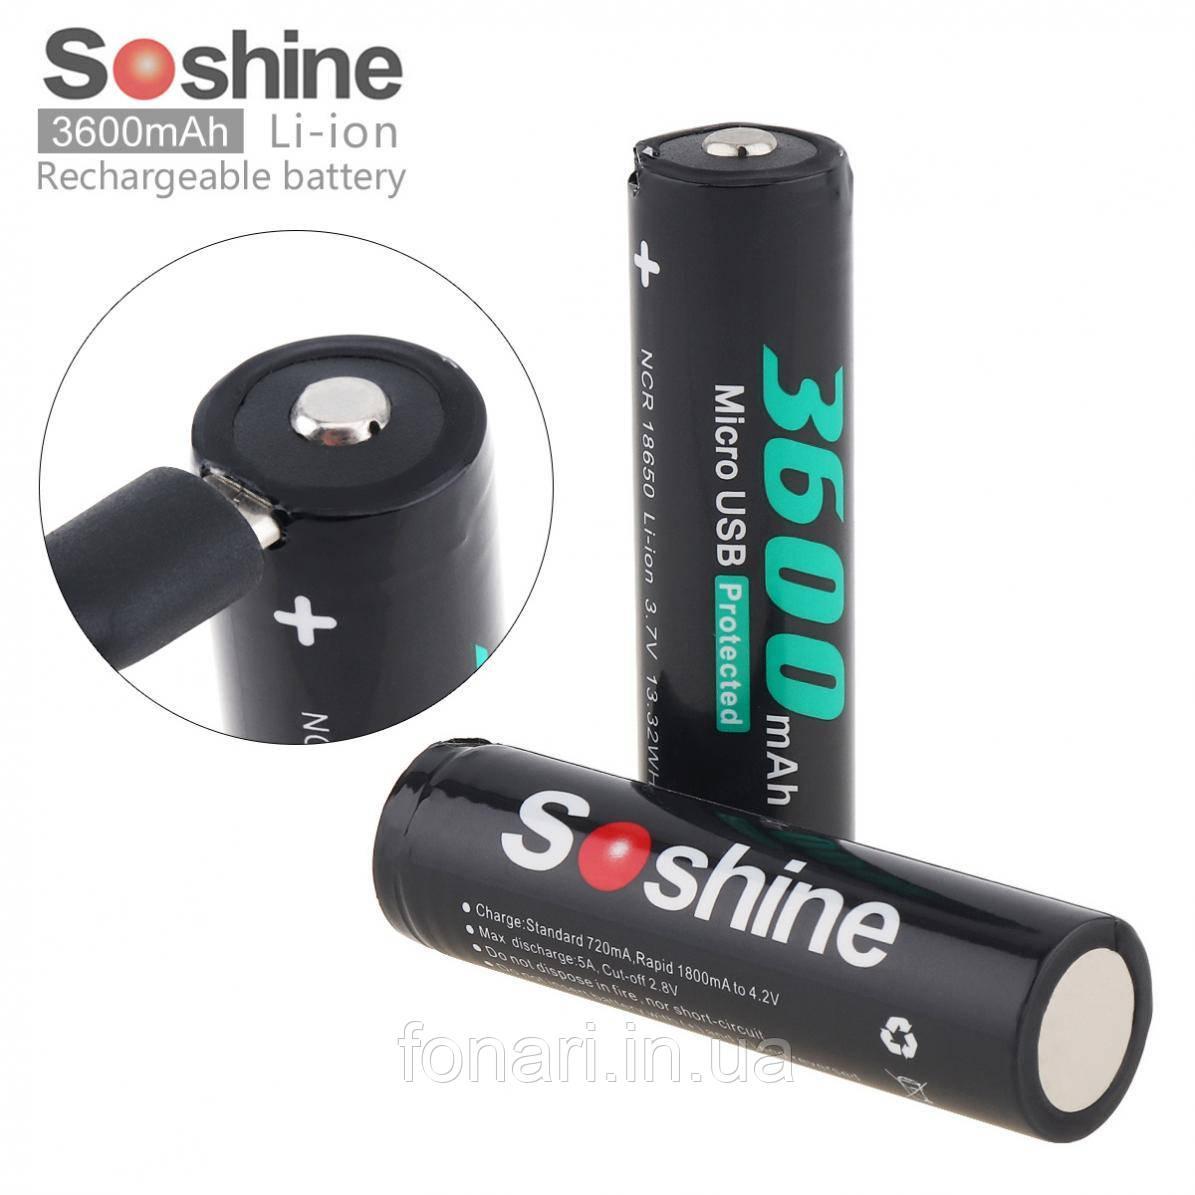 Аккумулятор Soshine 18650 Li-Ion 3600 mAh с зарядкой через micro USB порт, защищенный